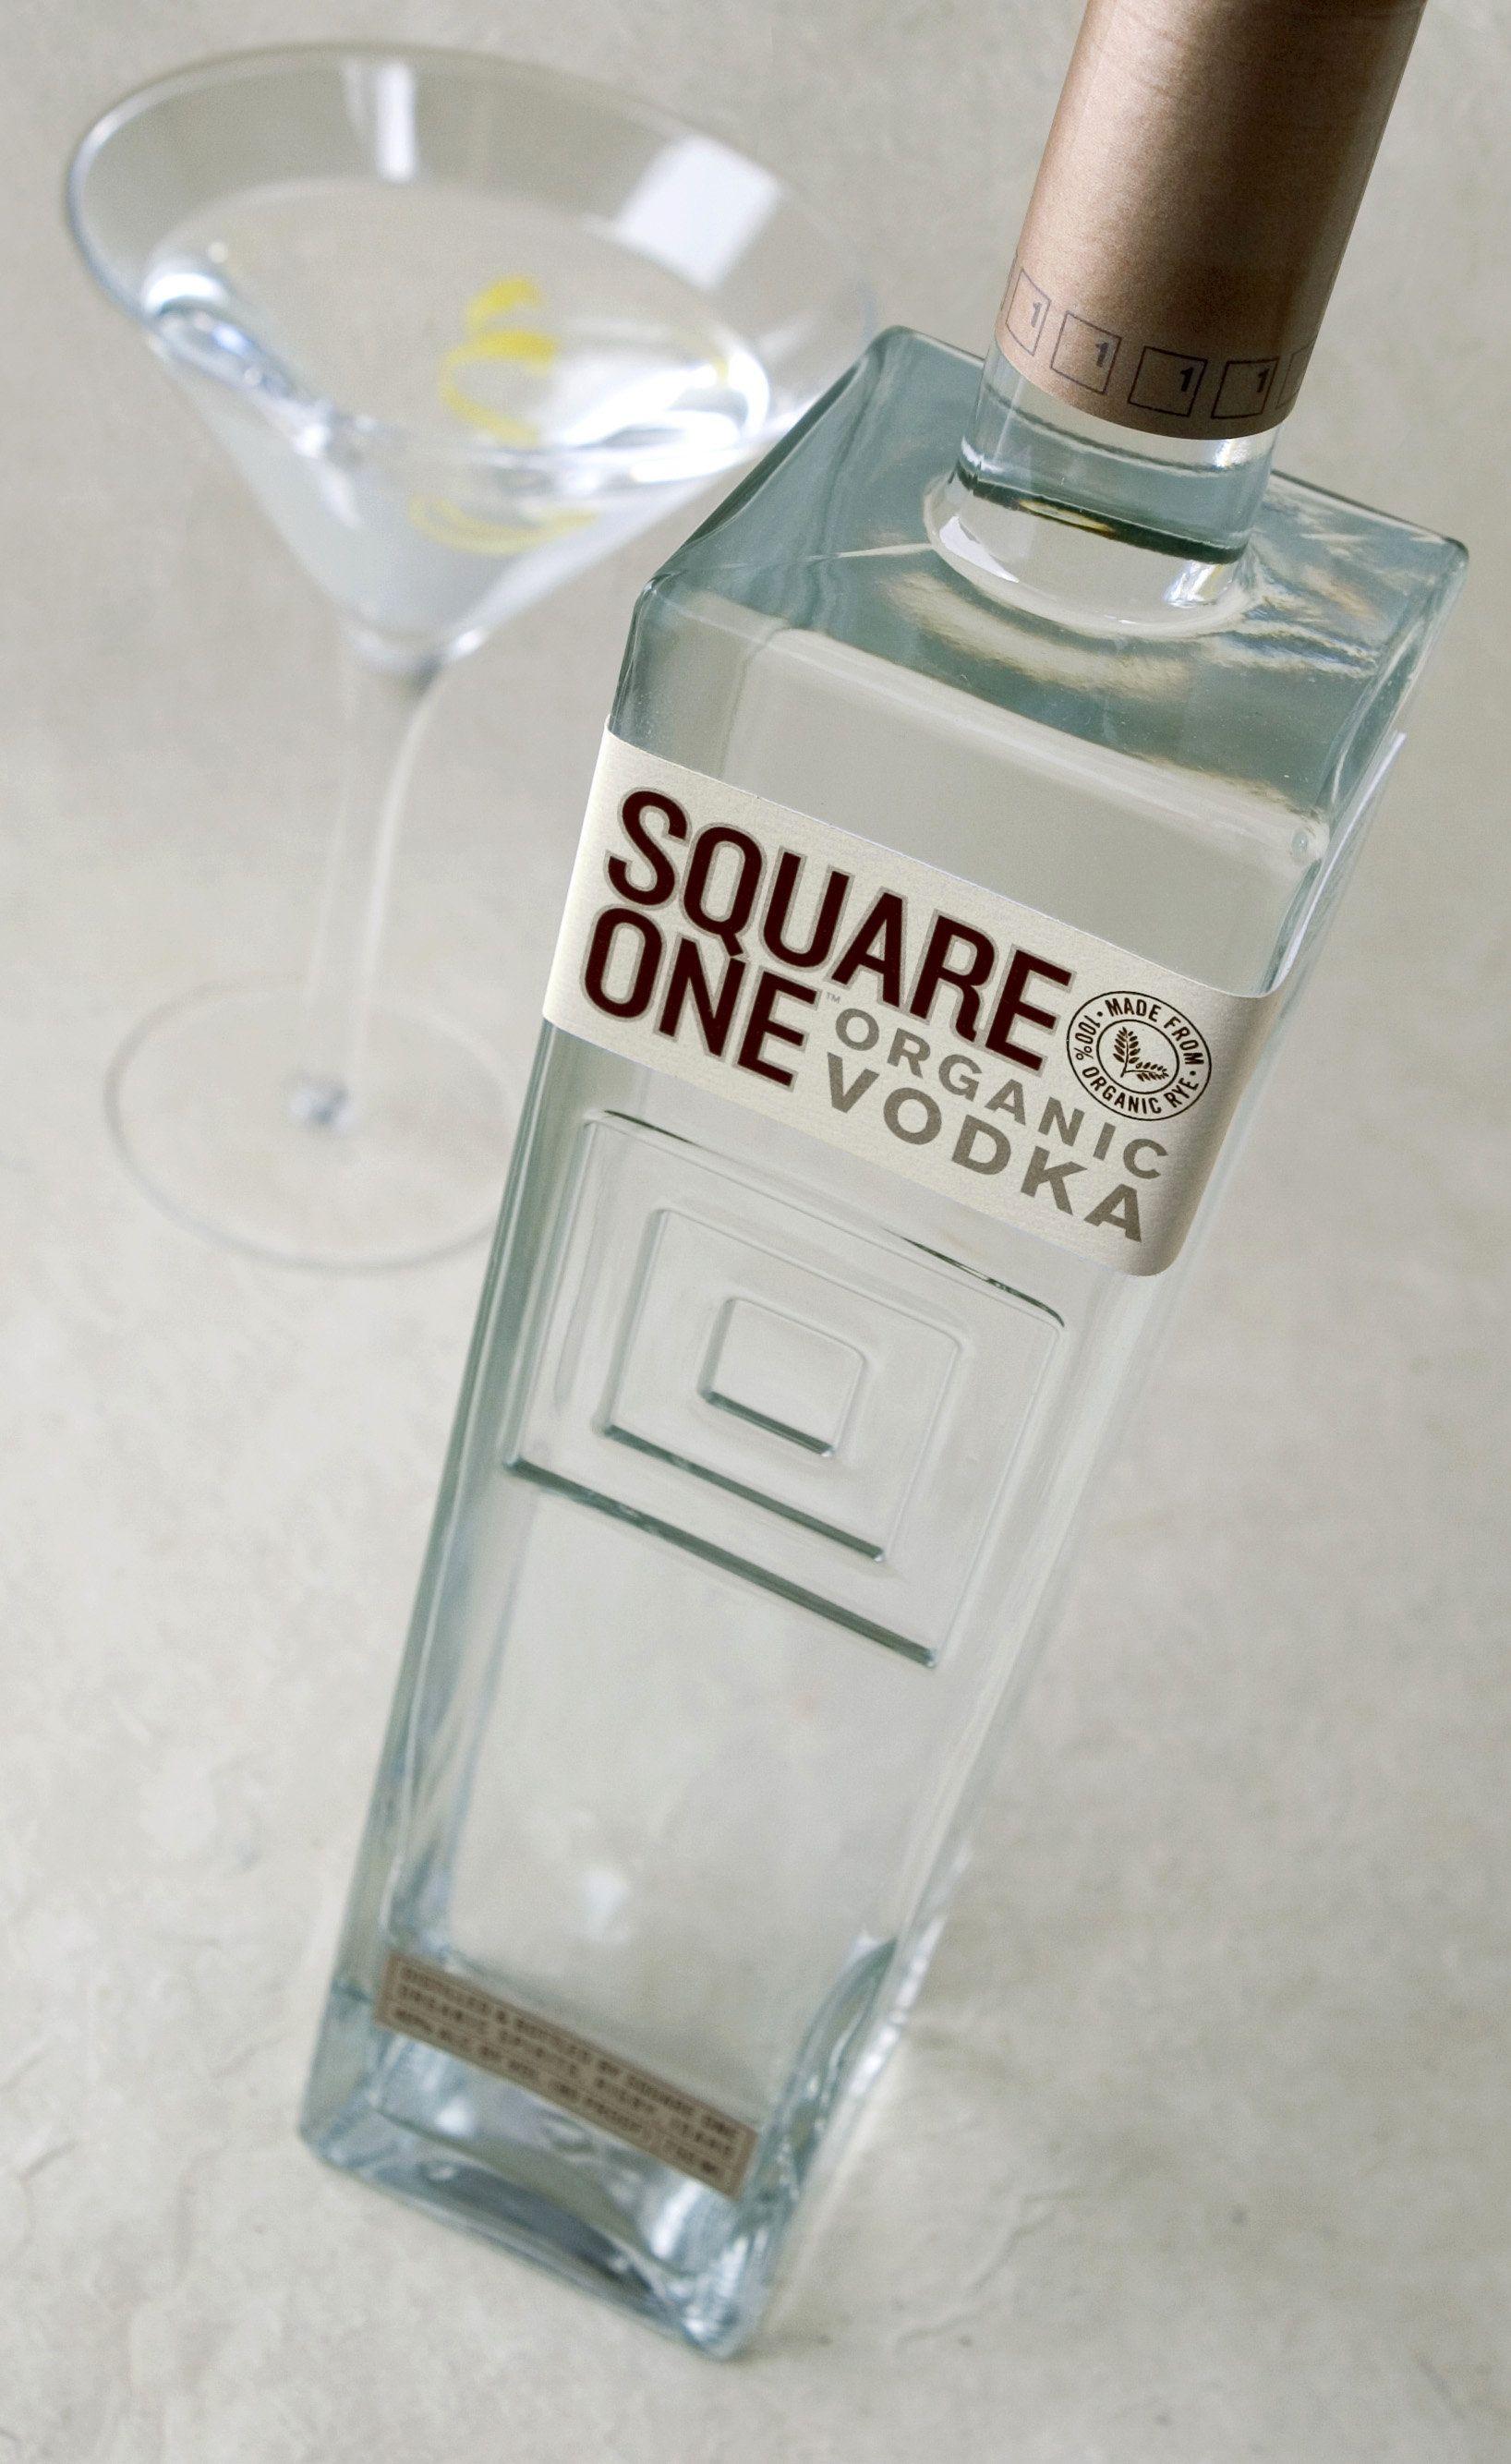 Explore 10 Fantastic Brands Of Vodka From Around The World Organic Vodka Vodka Vodka Brands,Liberty Quarter Dollar Value In India